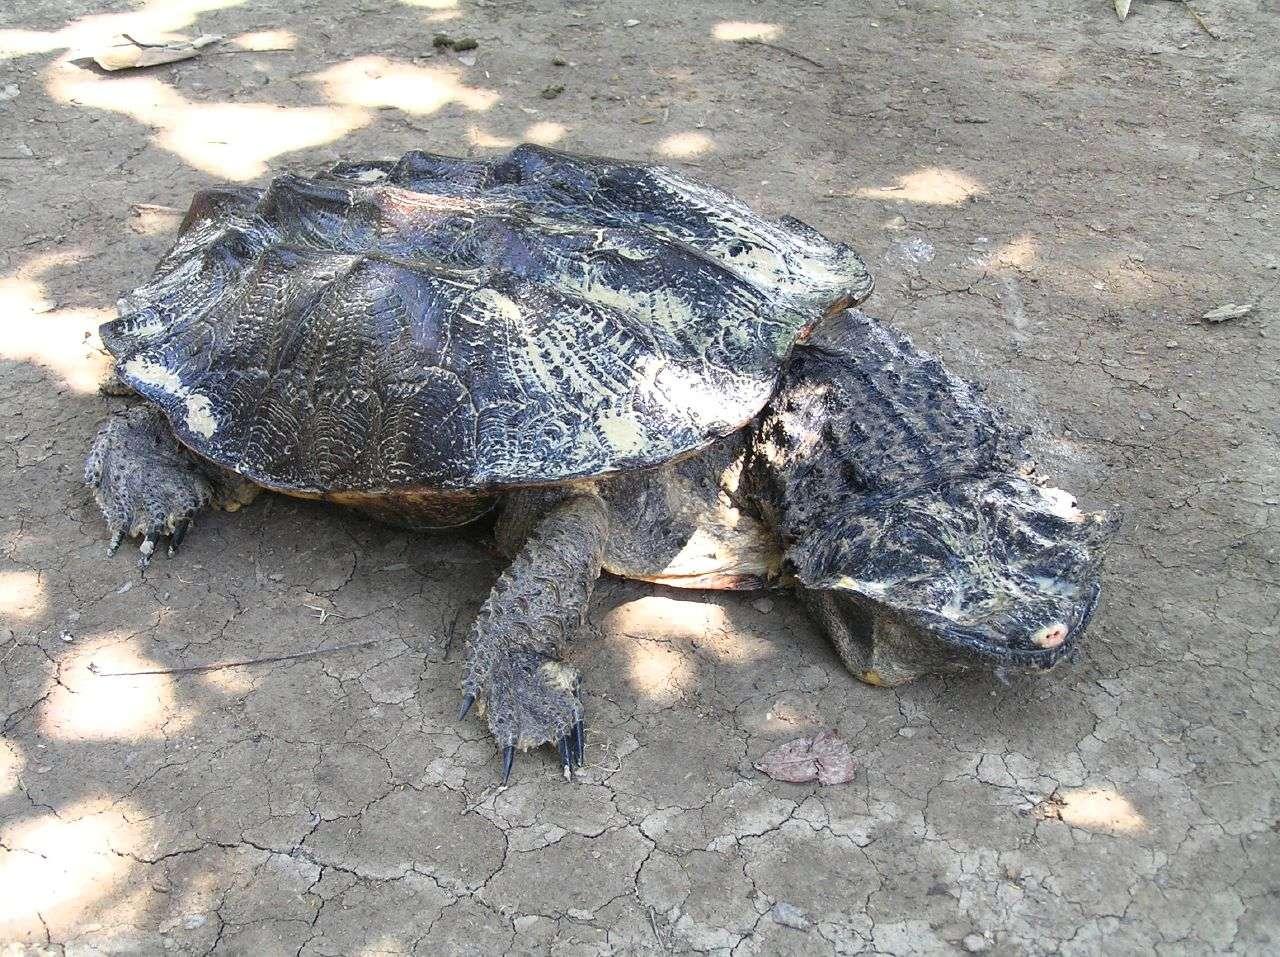 La tortue matamata est l'unique représentante du genre Chelus. © Pierre Pouliquin, Flickr, cc by nc 2.0